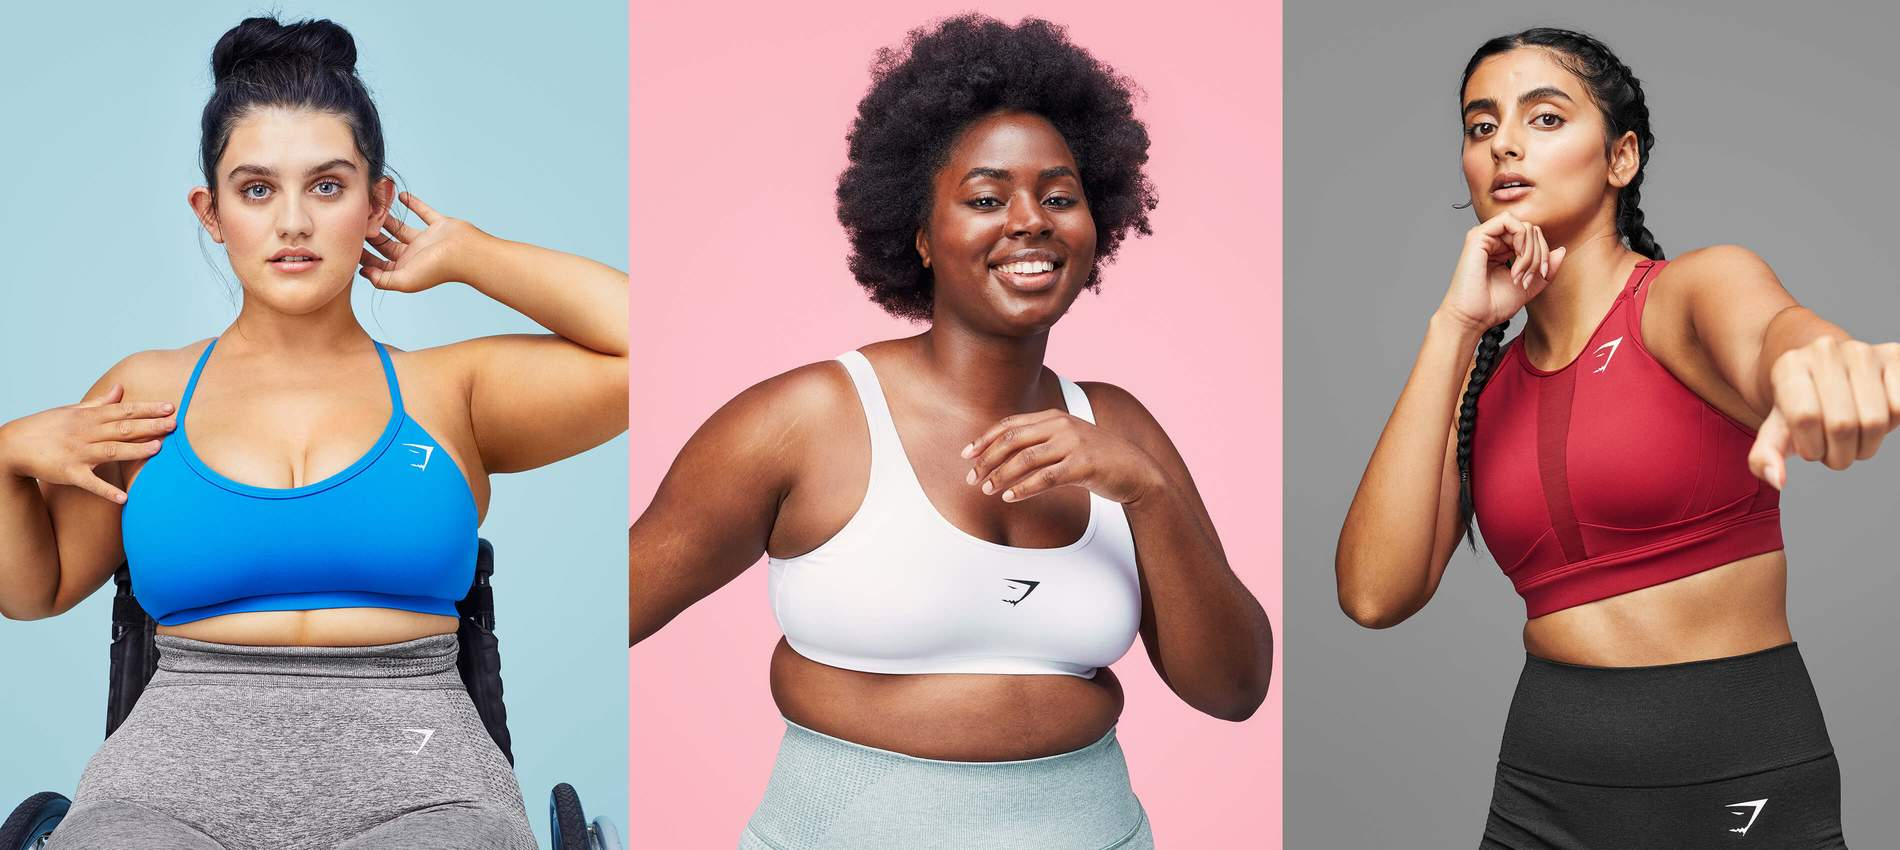 Collage mit weiblichen Athletinnen, die in Sport-BH posieren vor einem Hintergrund mit strahlenden Farben.